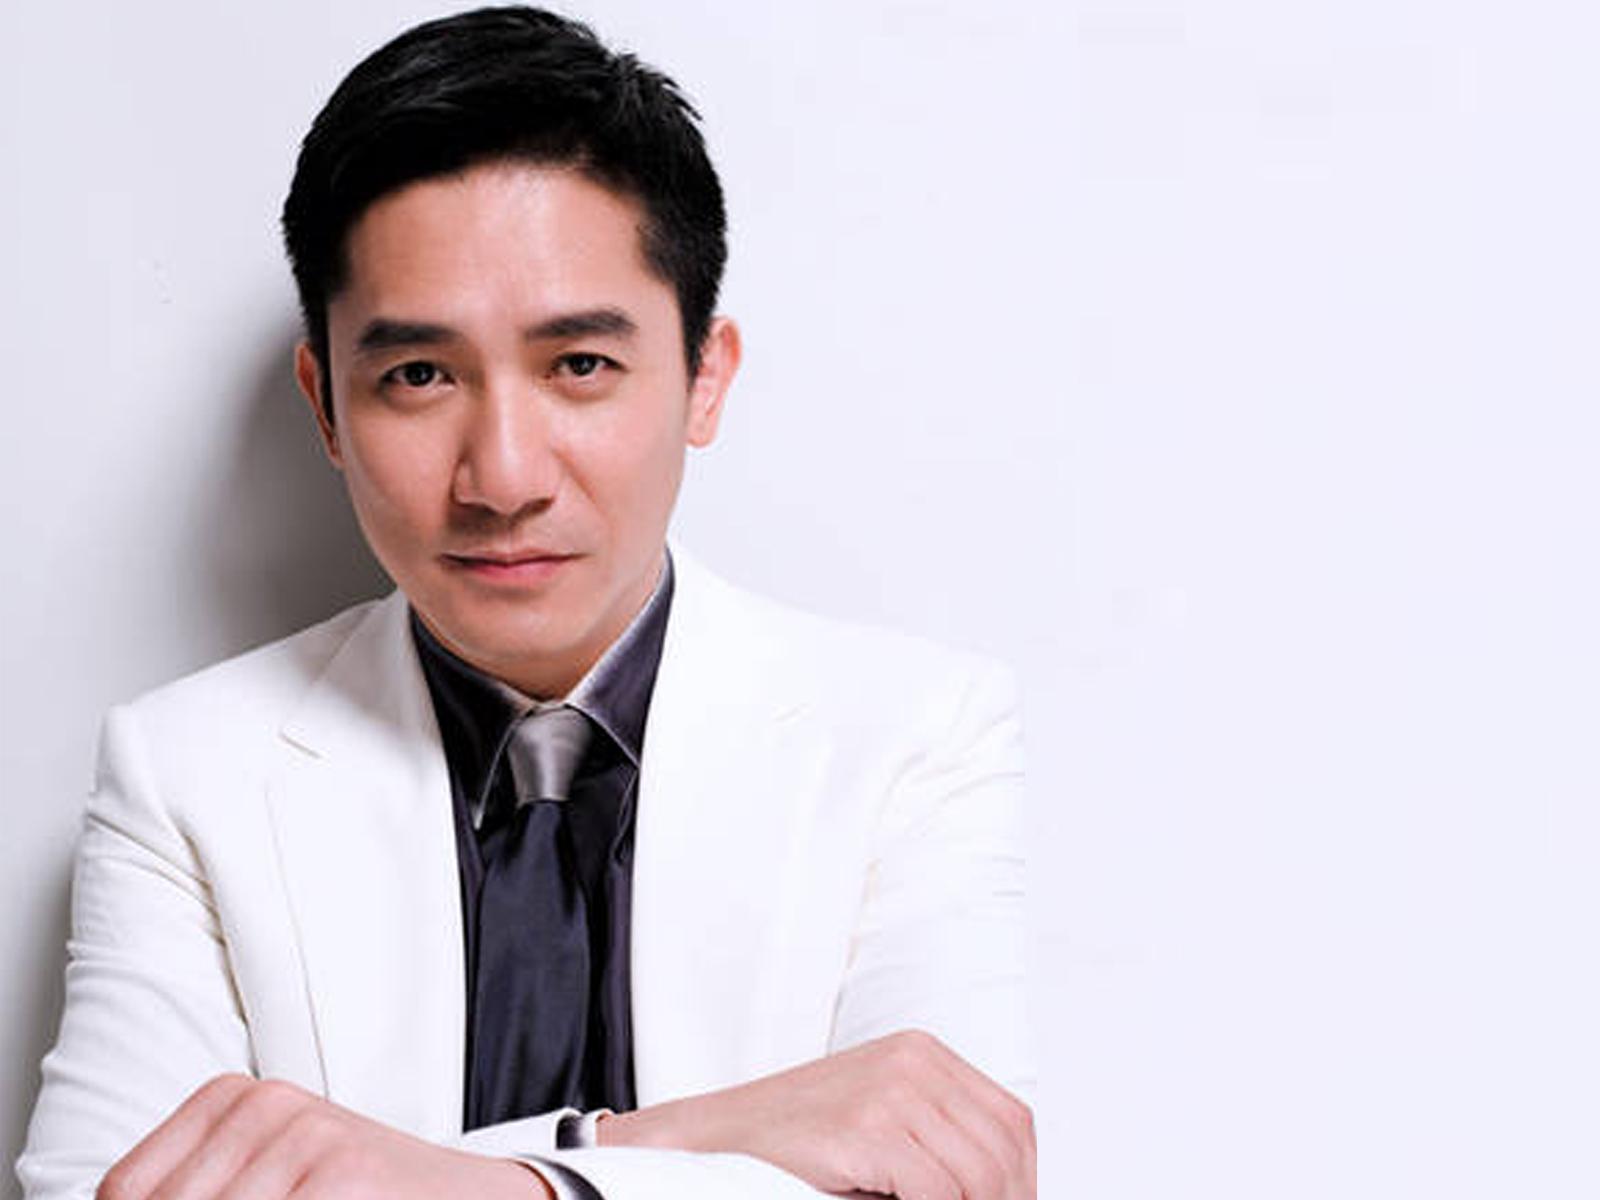 Tony leung dating